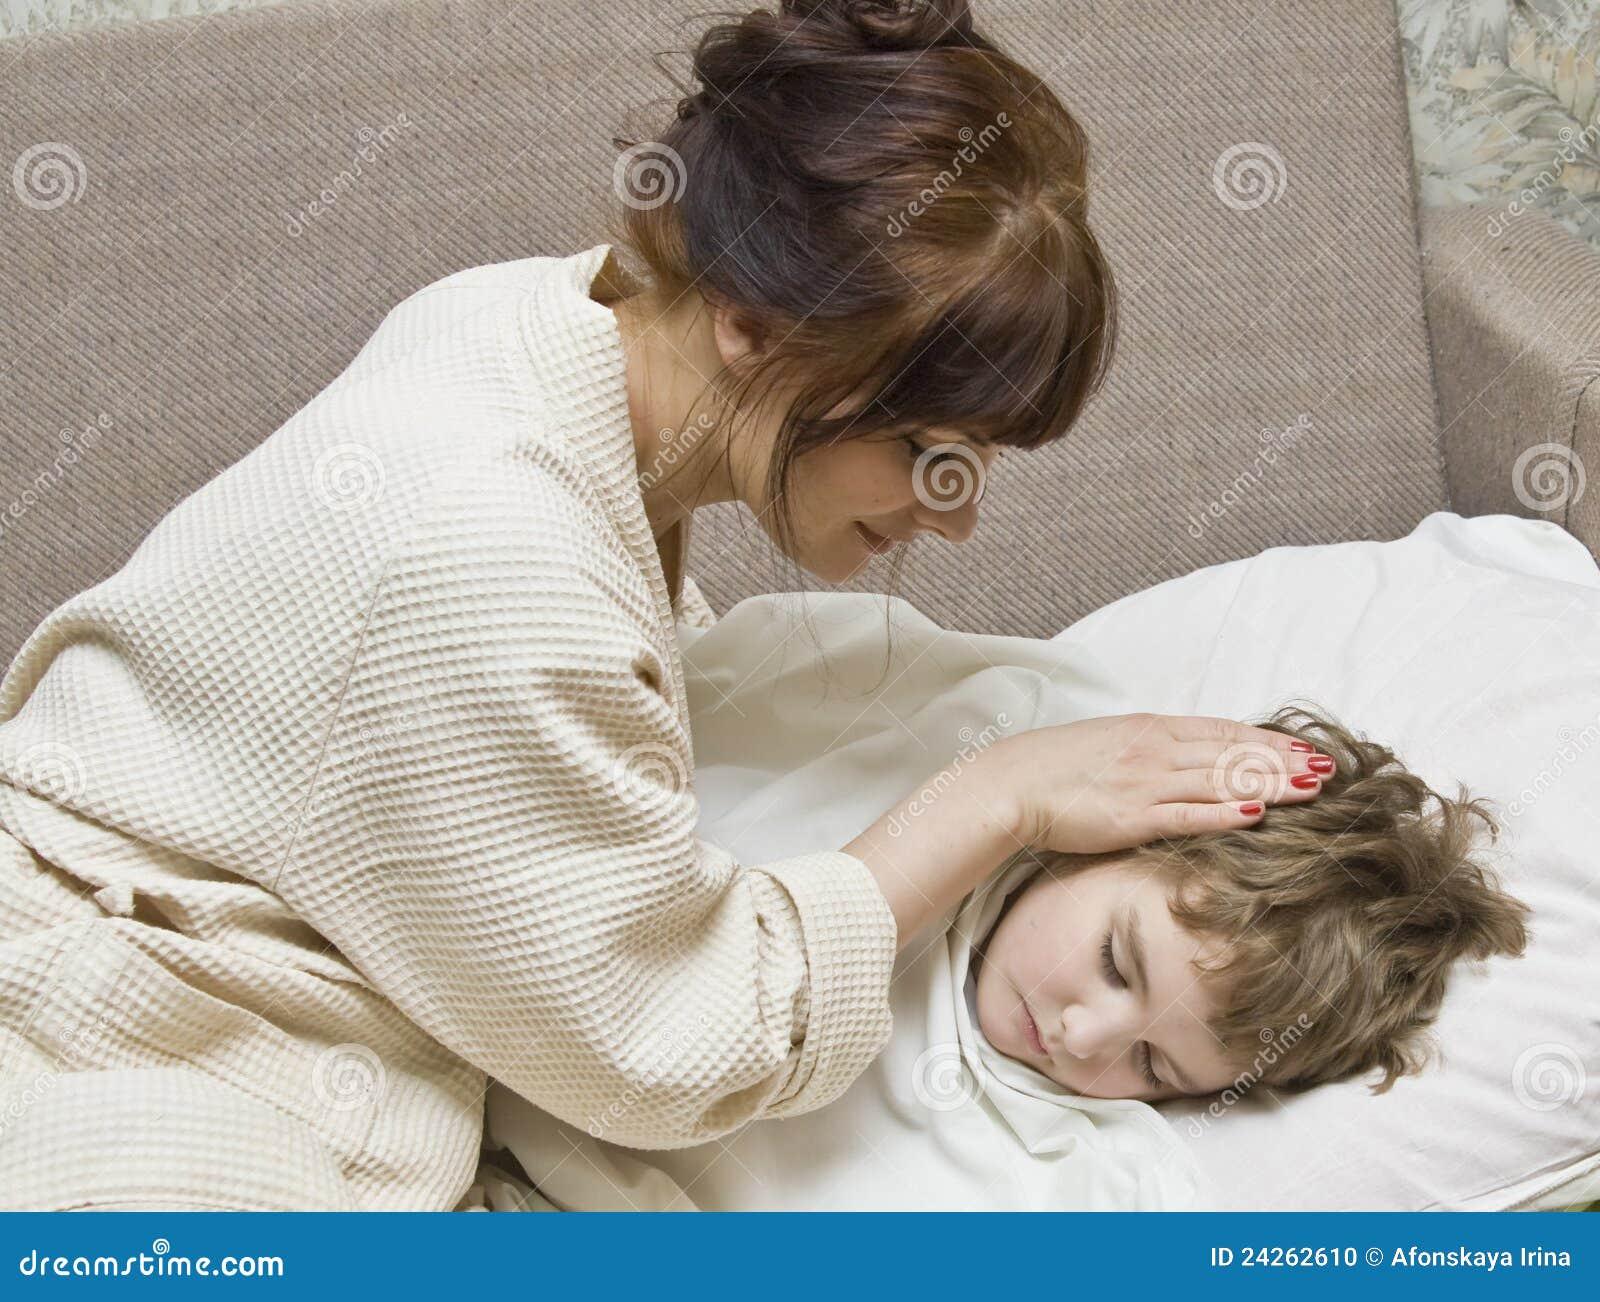 Сын трахнул спяши маму, Спящая мама, порно видео со спящей мамой онлайн 28 фотография